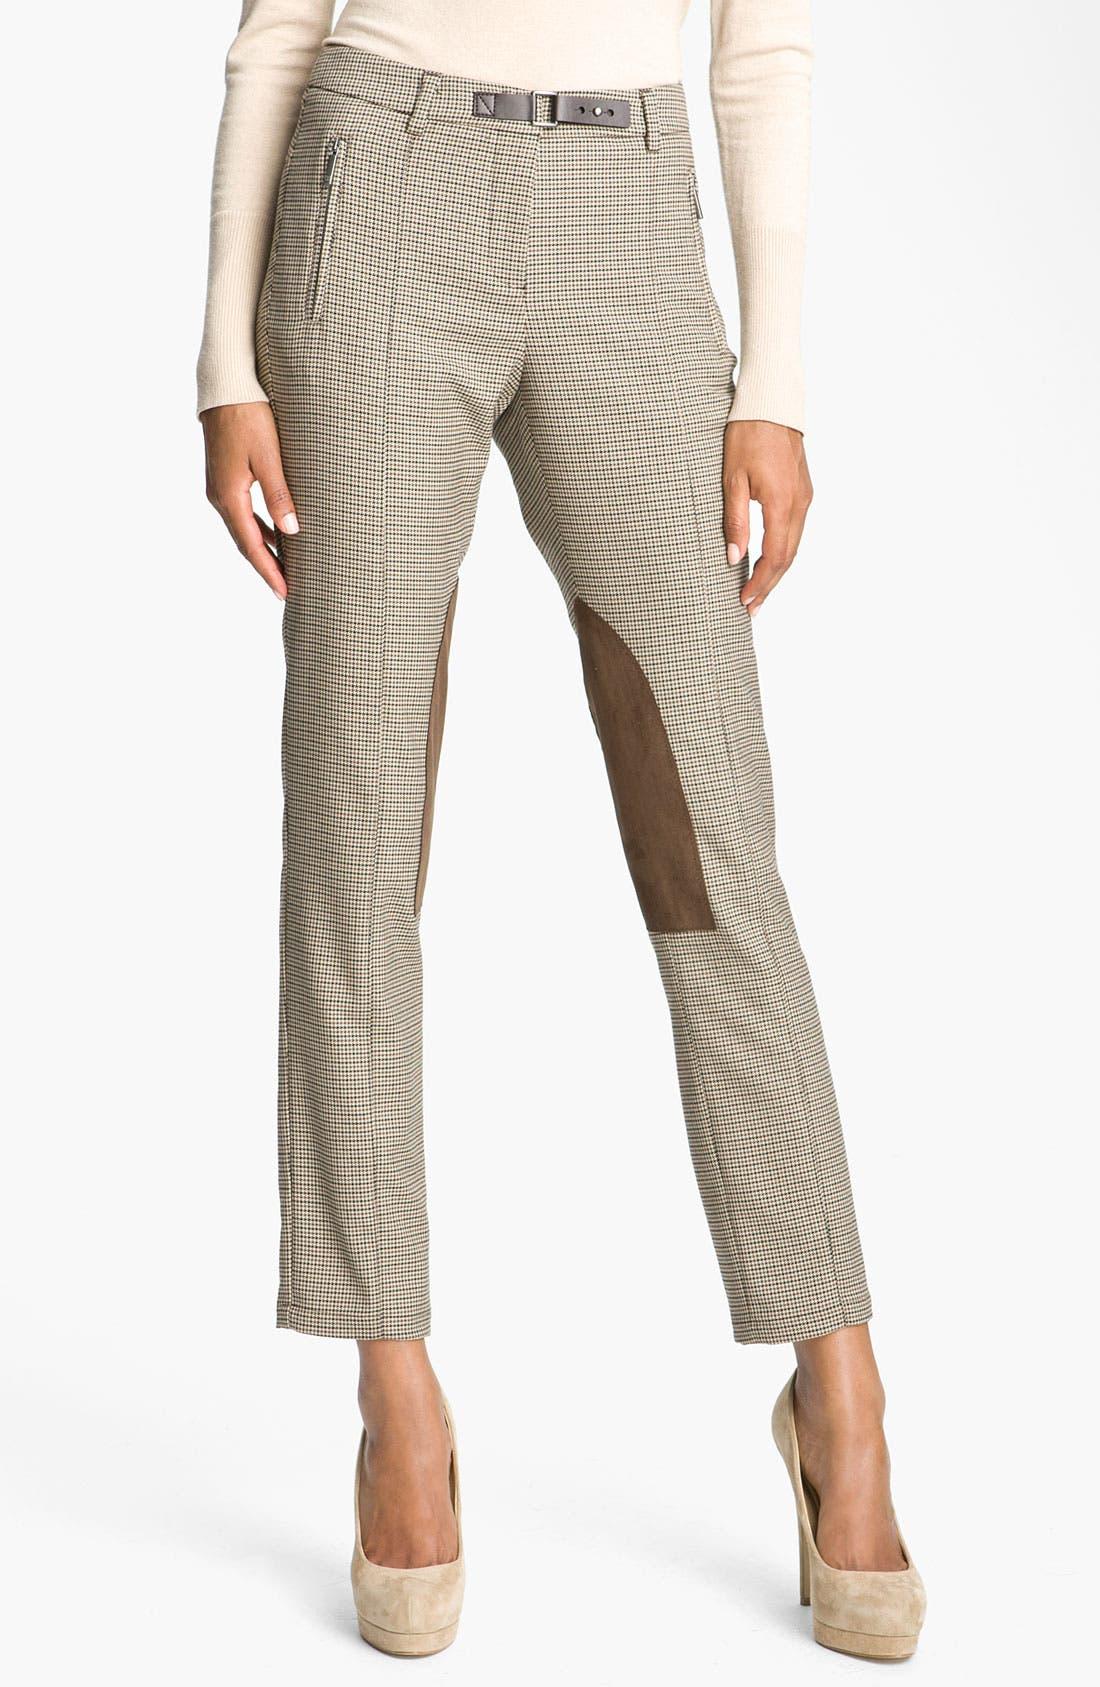 Alternate Image 1 Selected - Weekend Max Mara 'Fosca' Crop Pants